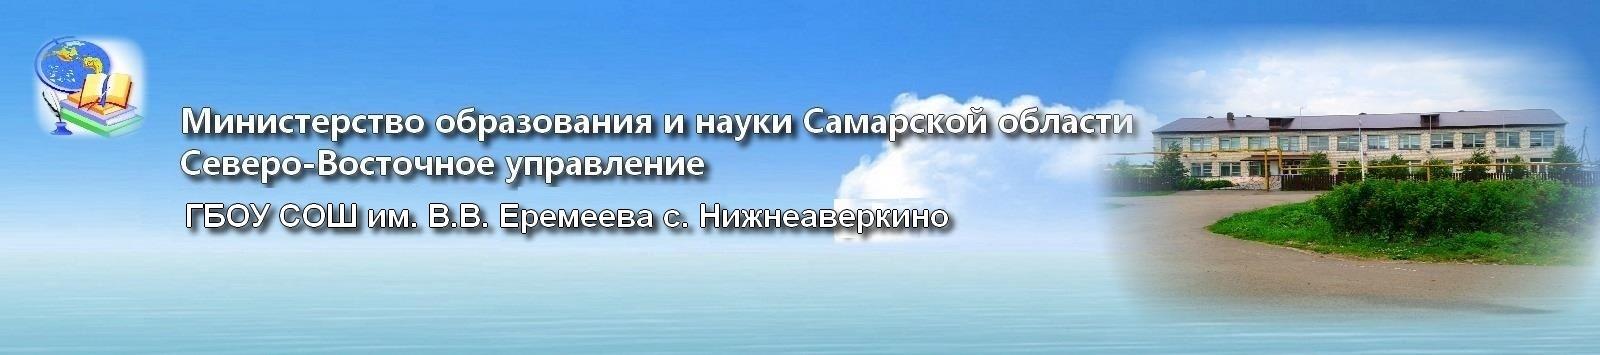 ГБОУ СОШ им. В.В. Еремеева с.Нижнеаверкино -Официальный сайт